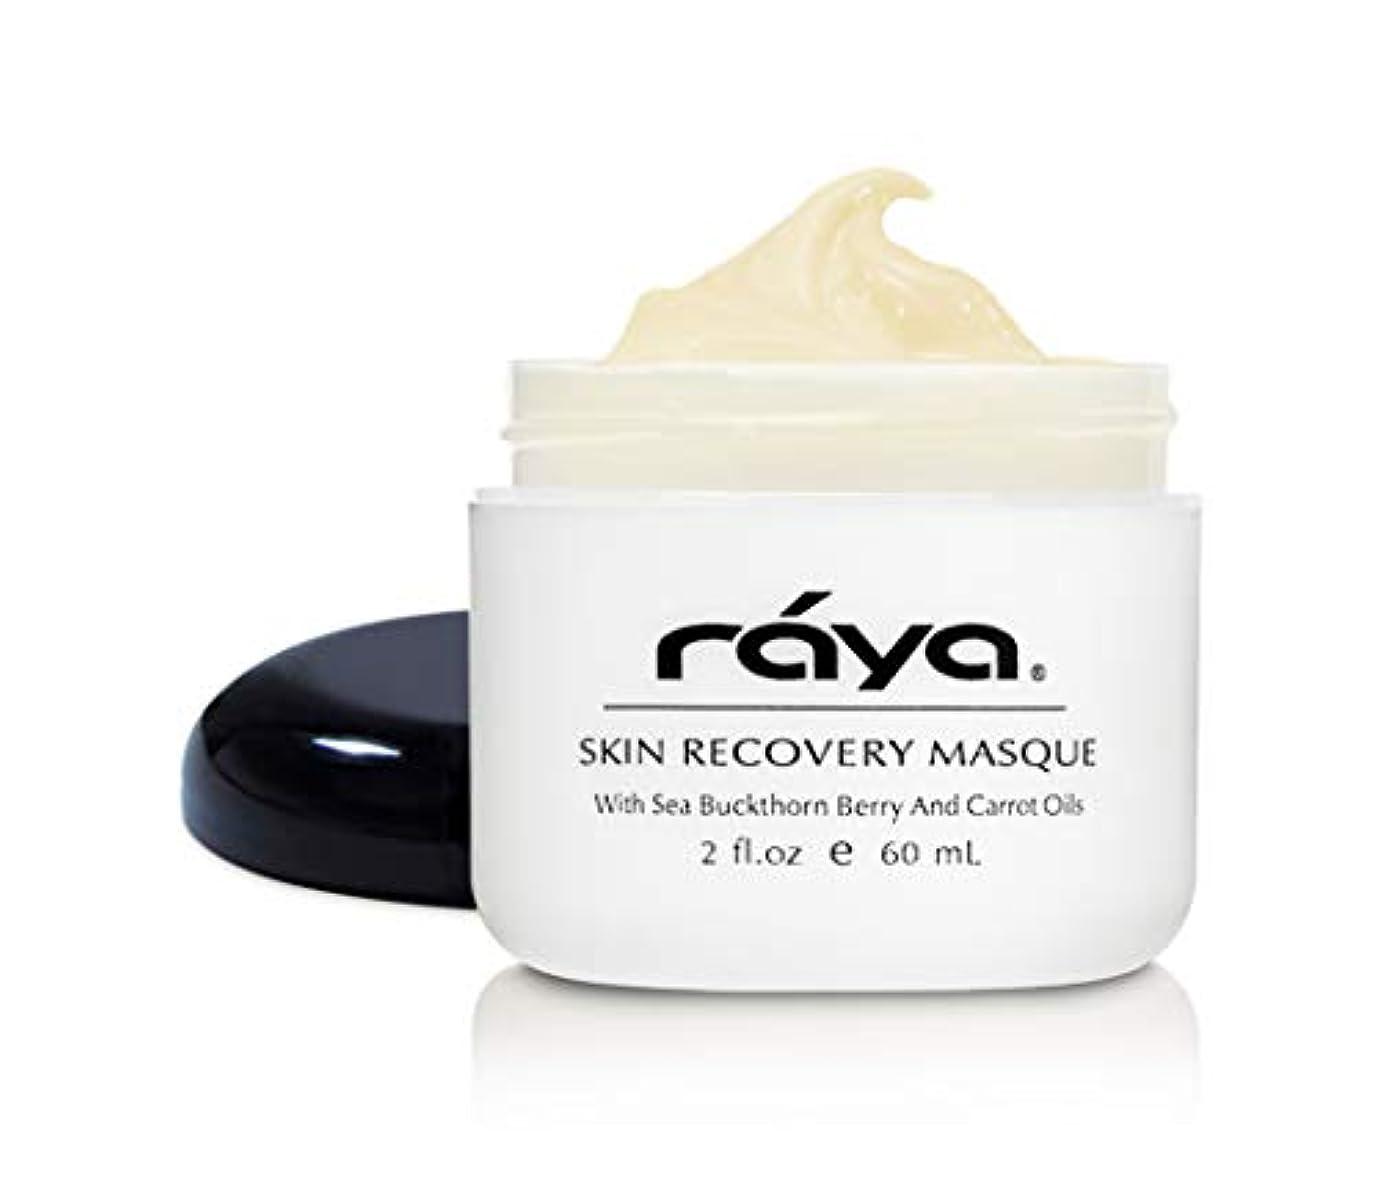 とても多くのメモ知事Raya スキンリカバリー仮面(600)|乾燥や乾燥肌のために心を落ち着かせる、マルチビタミンフェイシャルトリートメントマスク|栄養、明るく、そして磨きをかけるコンプレクション 2 fl-oz